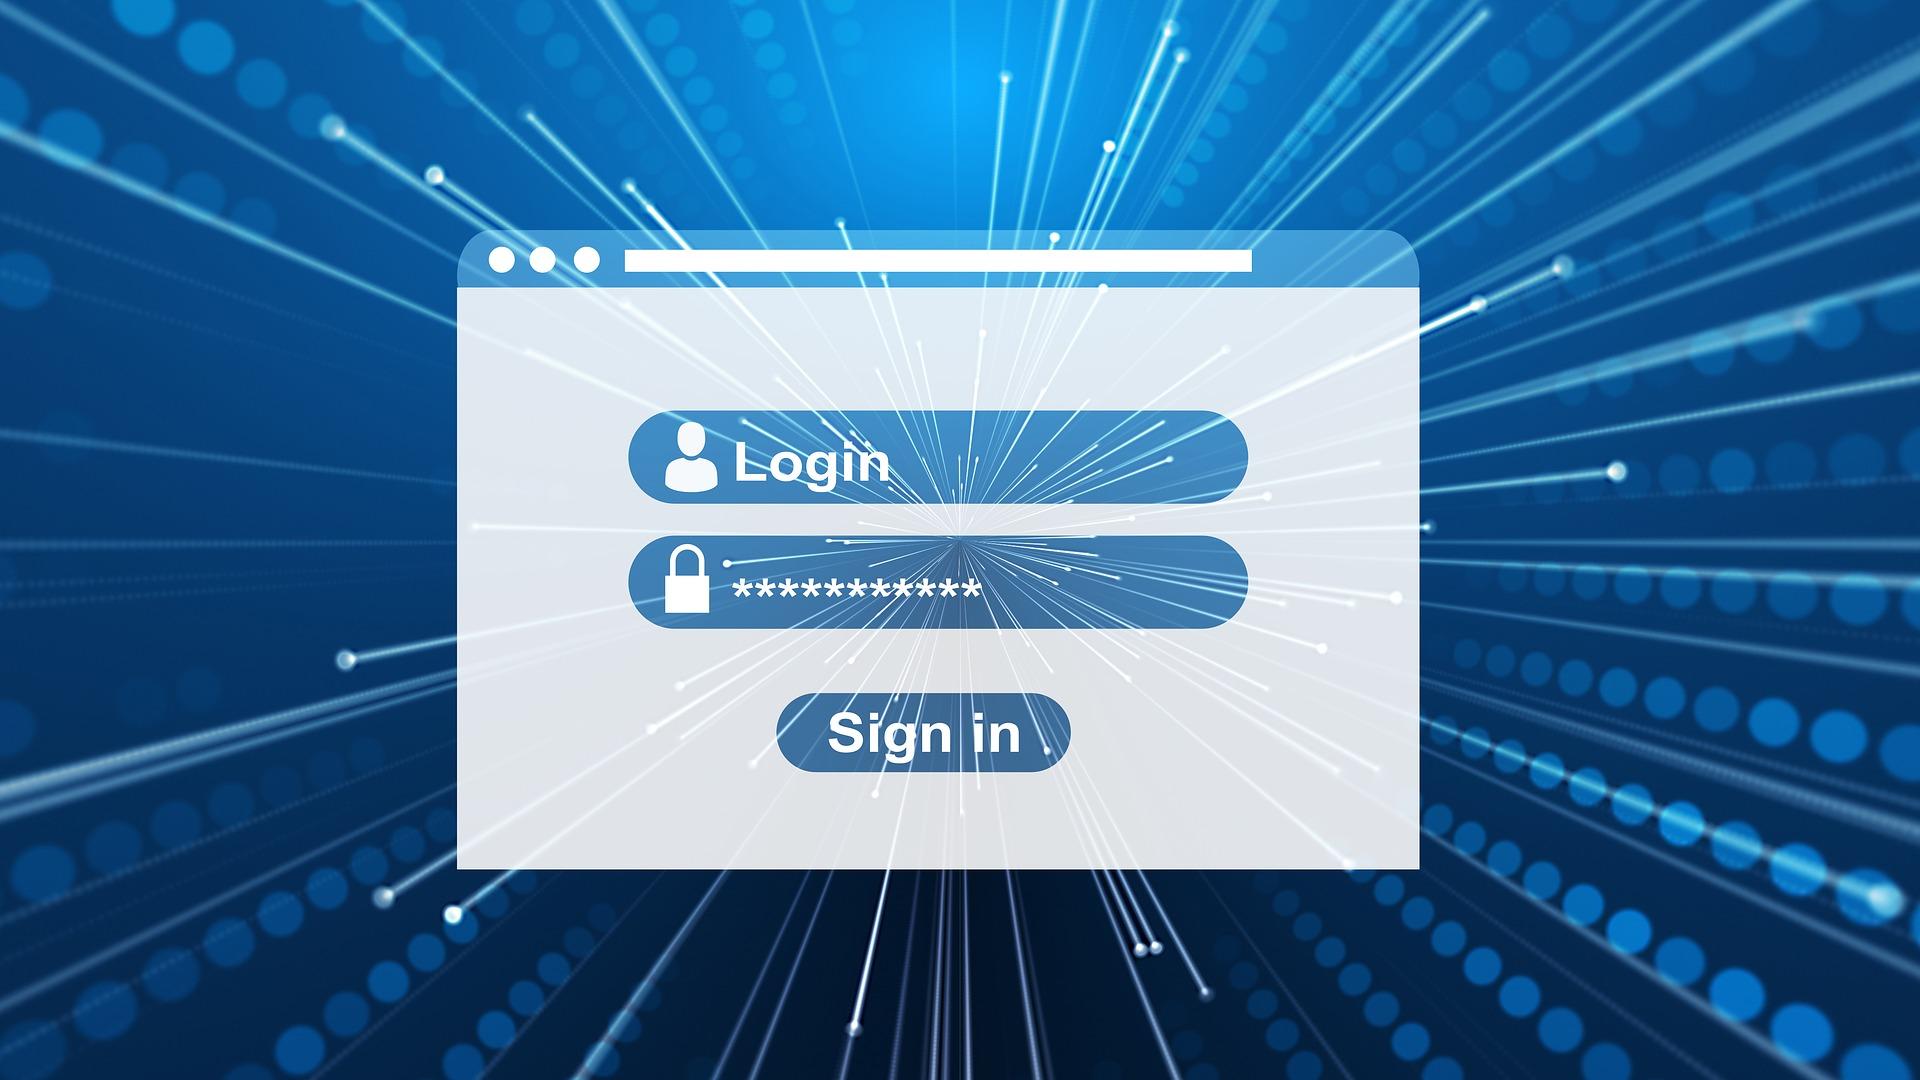 La debilidad de las contraseñas es uno de los principales factores de la inseguridad cibernética (Foto: Pixabay)